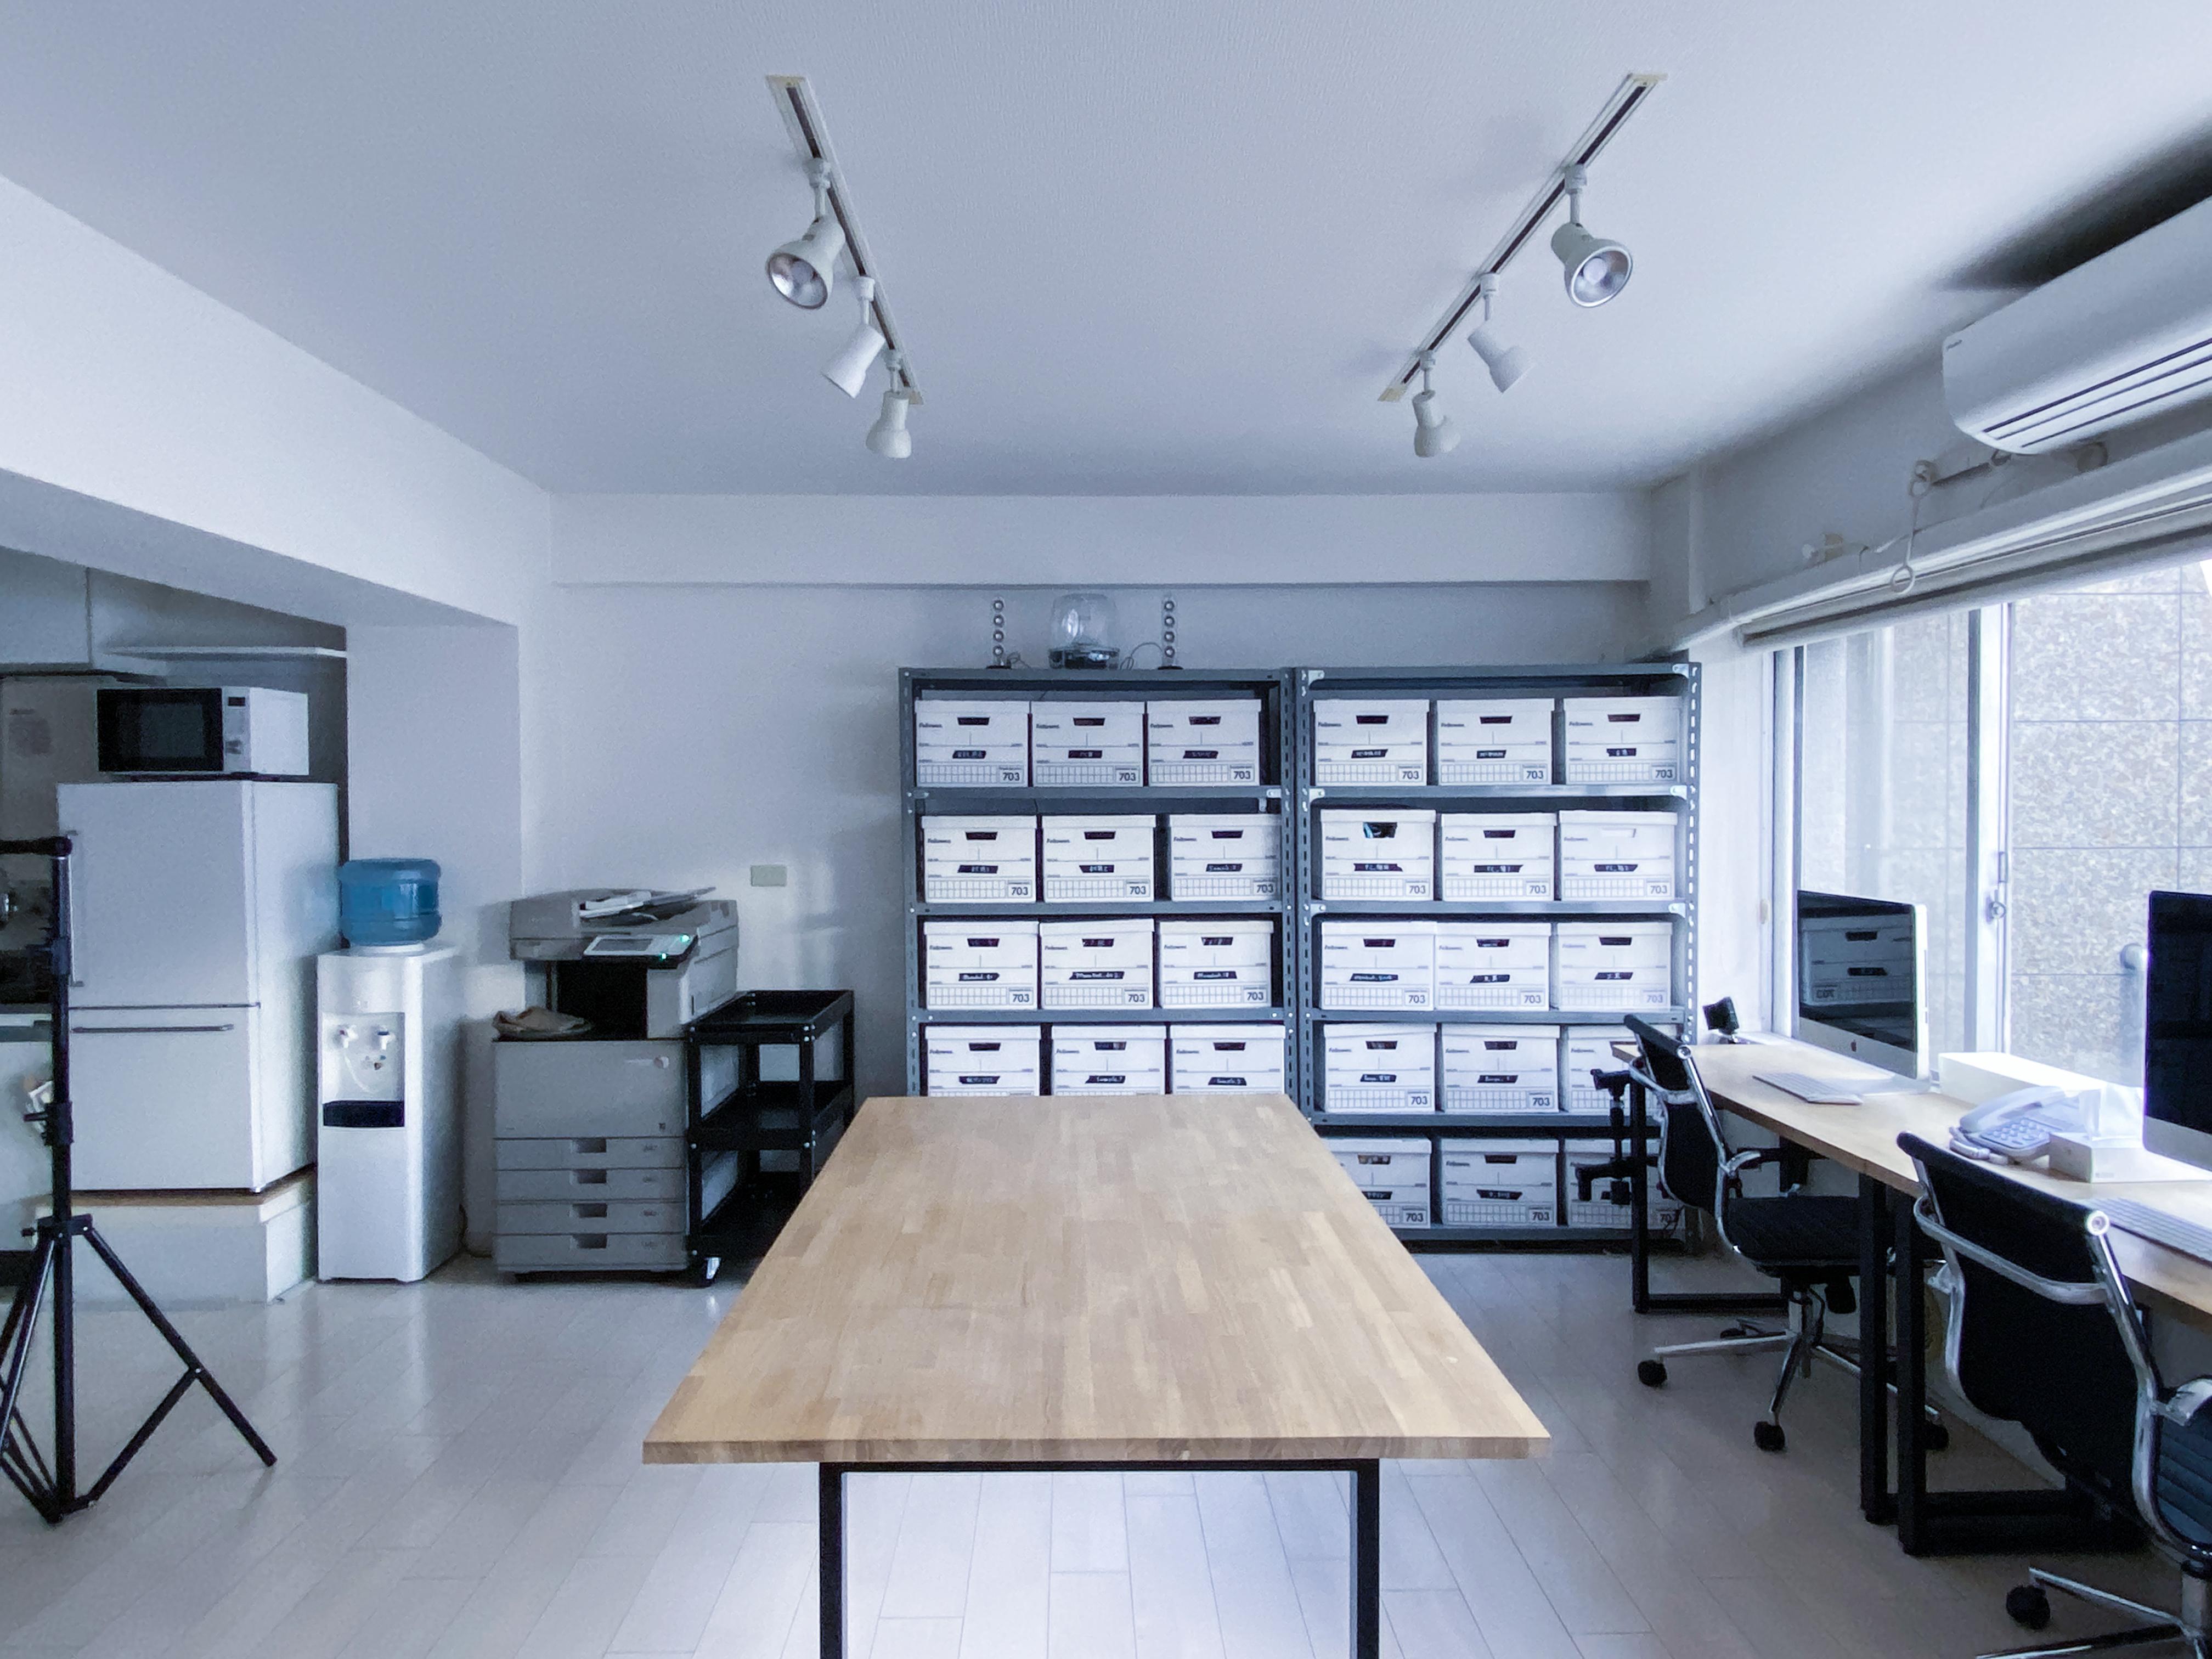 セッティング例:天板1台 - 西麻布撮影スタジオ 六本木駅近 レンタルスタジオ&ワークスペースの室内の写真